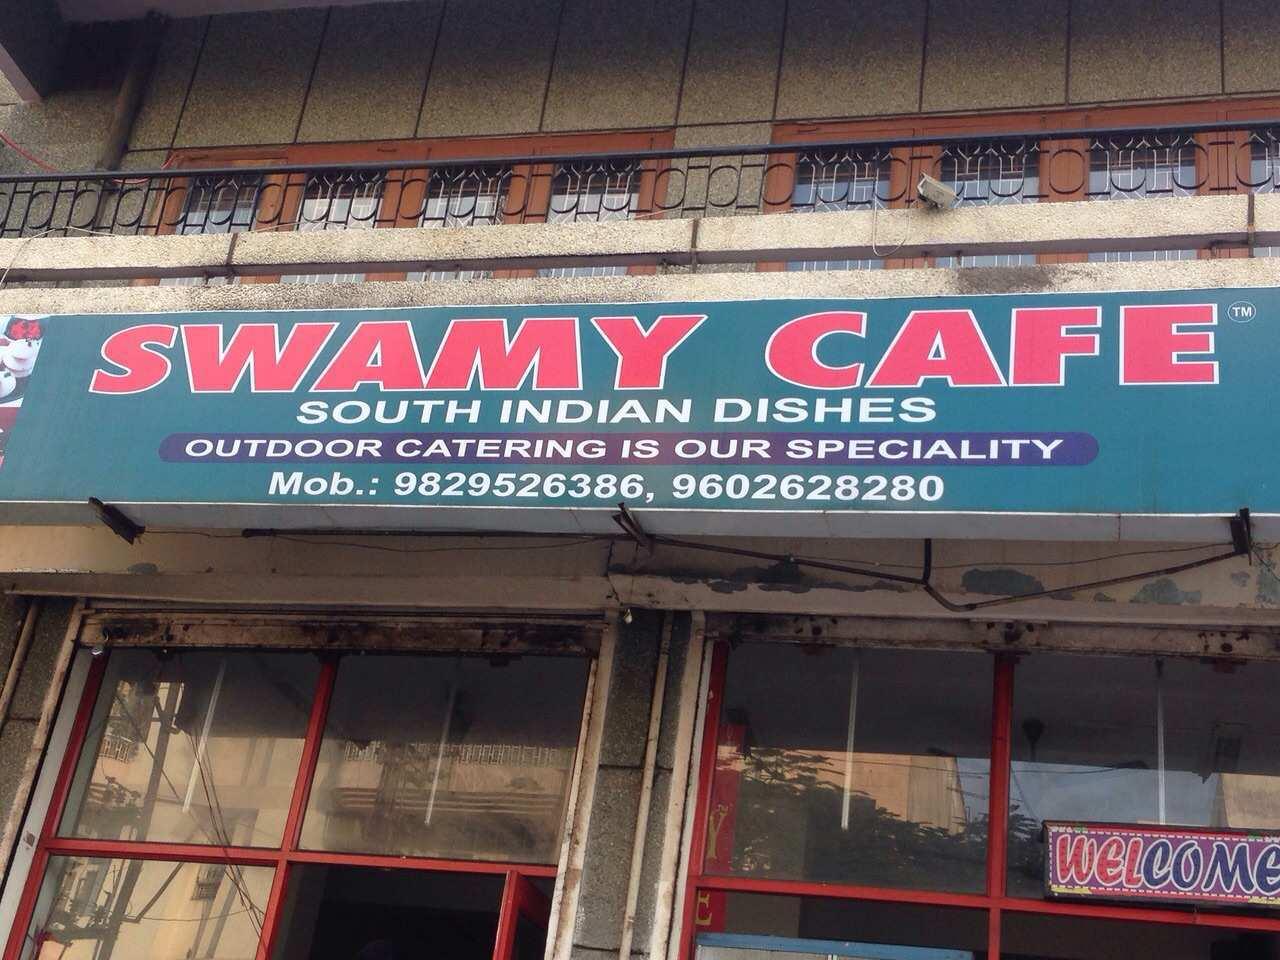 Swamy Cafe